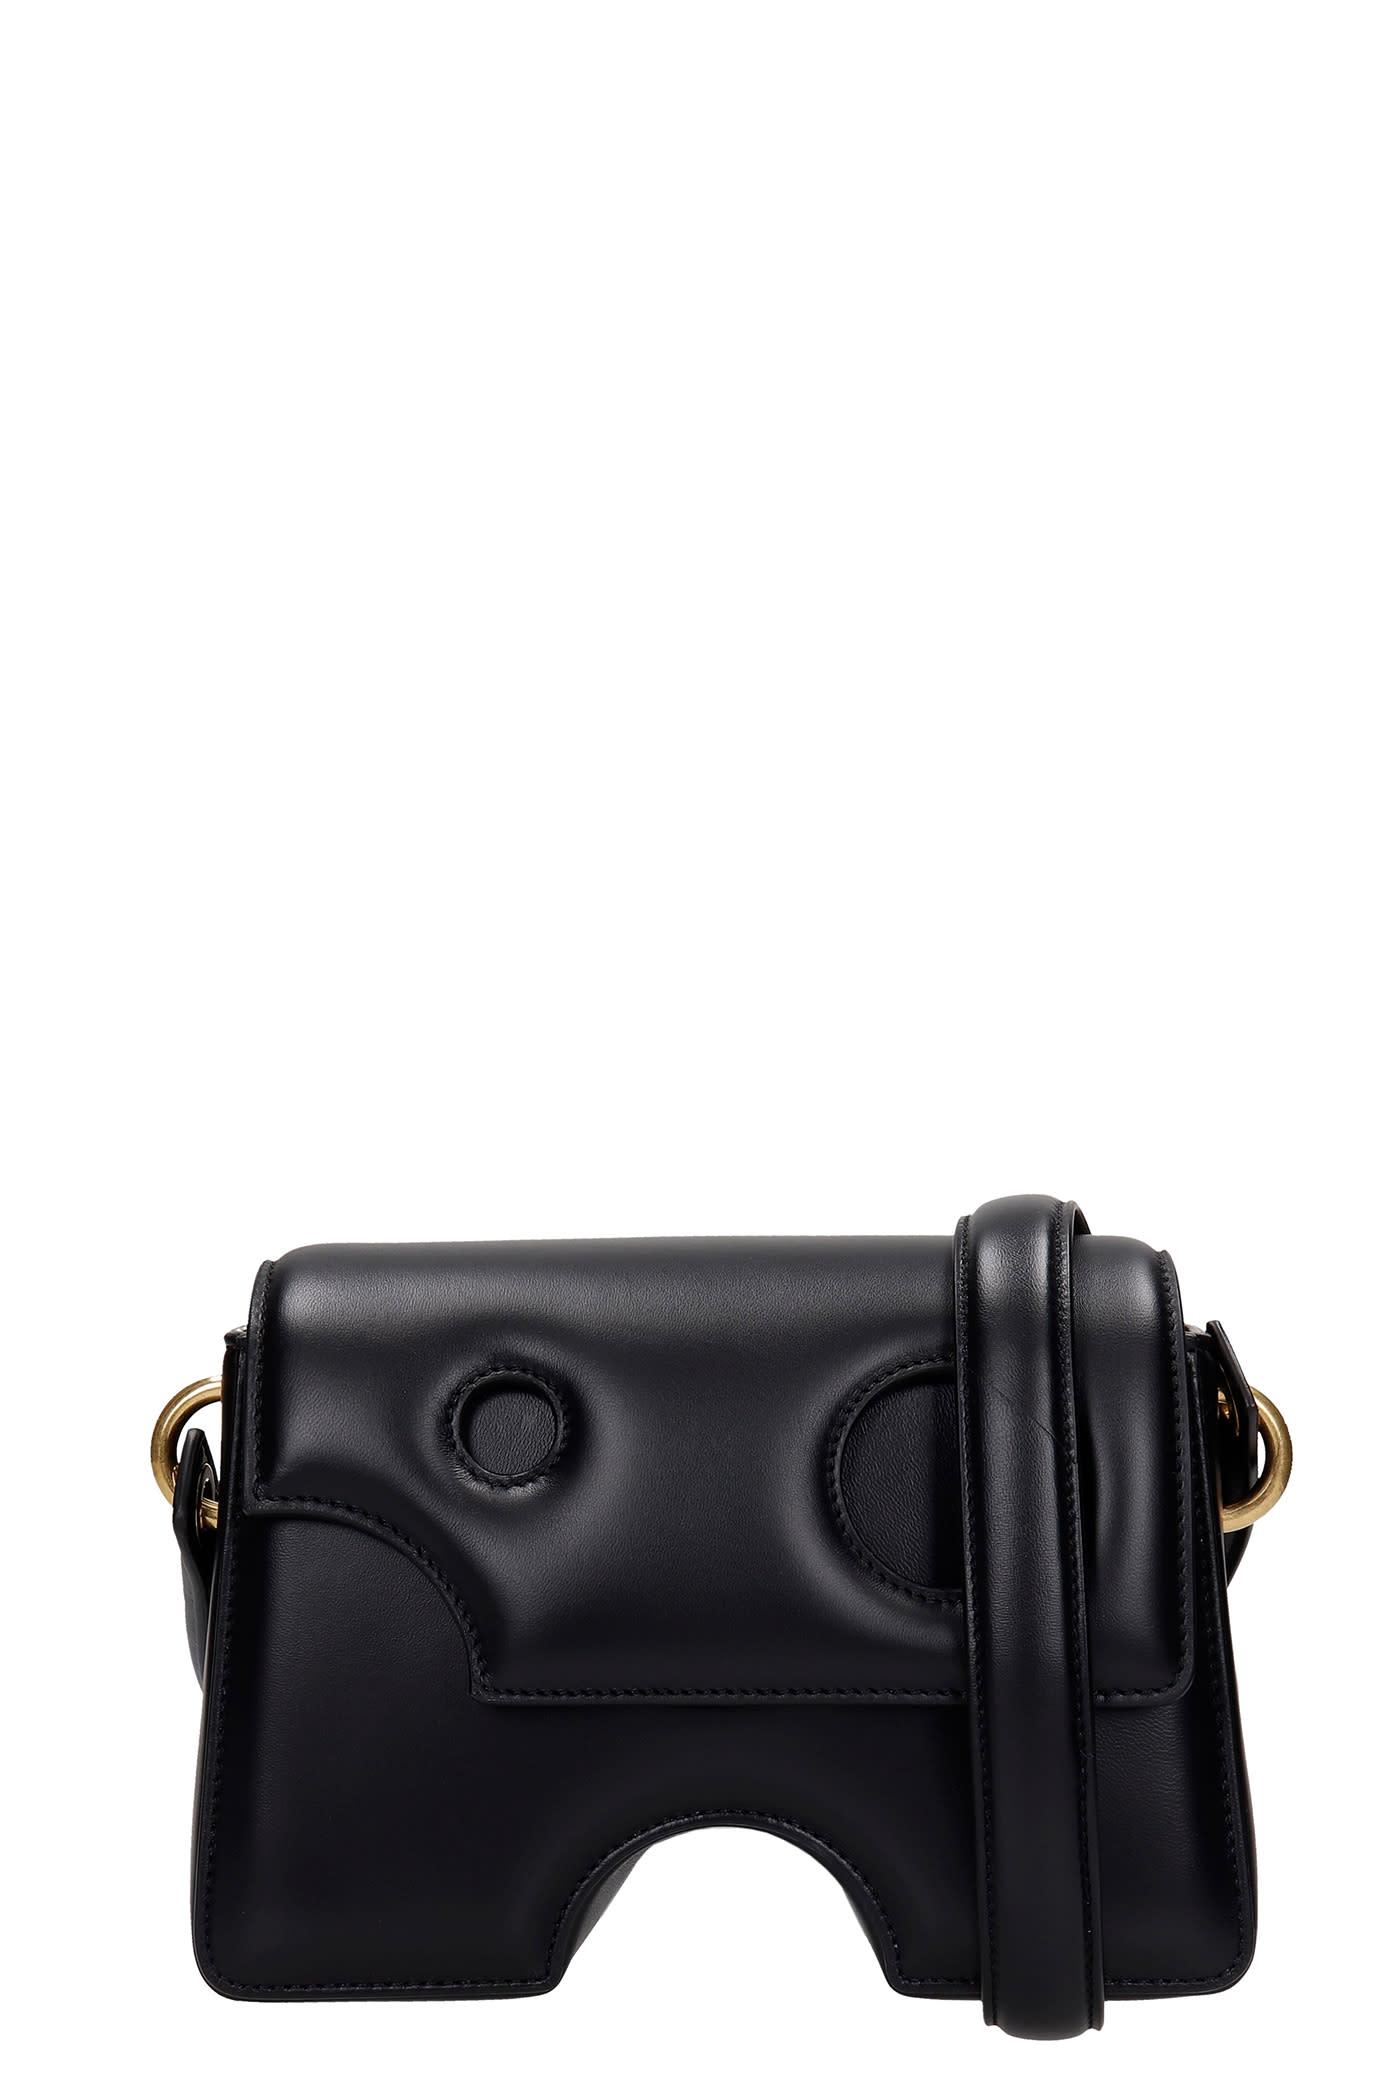 Off-White SHOULDER BAG IN BLACK LEATHER